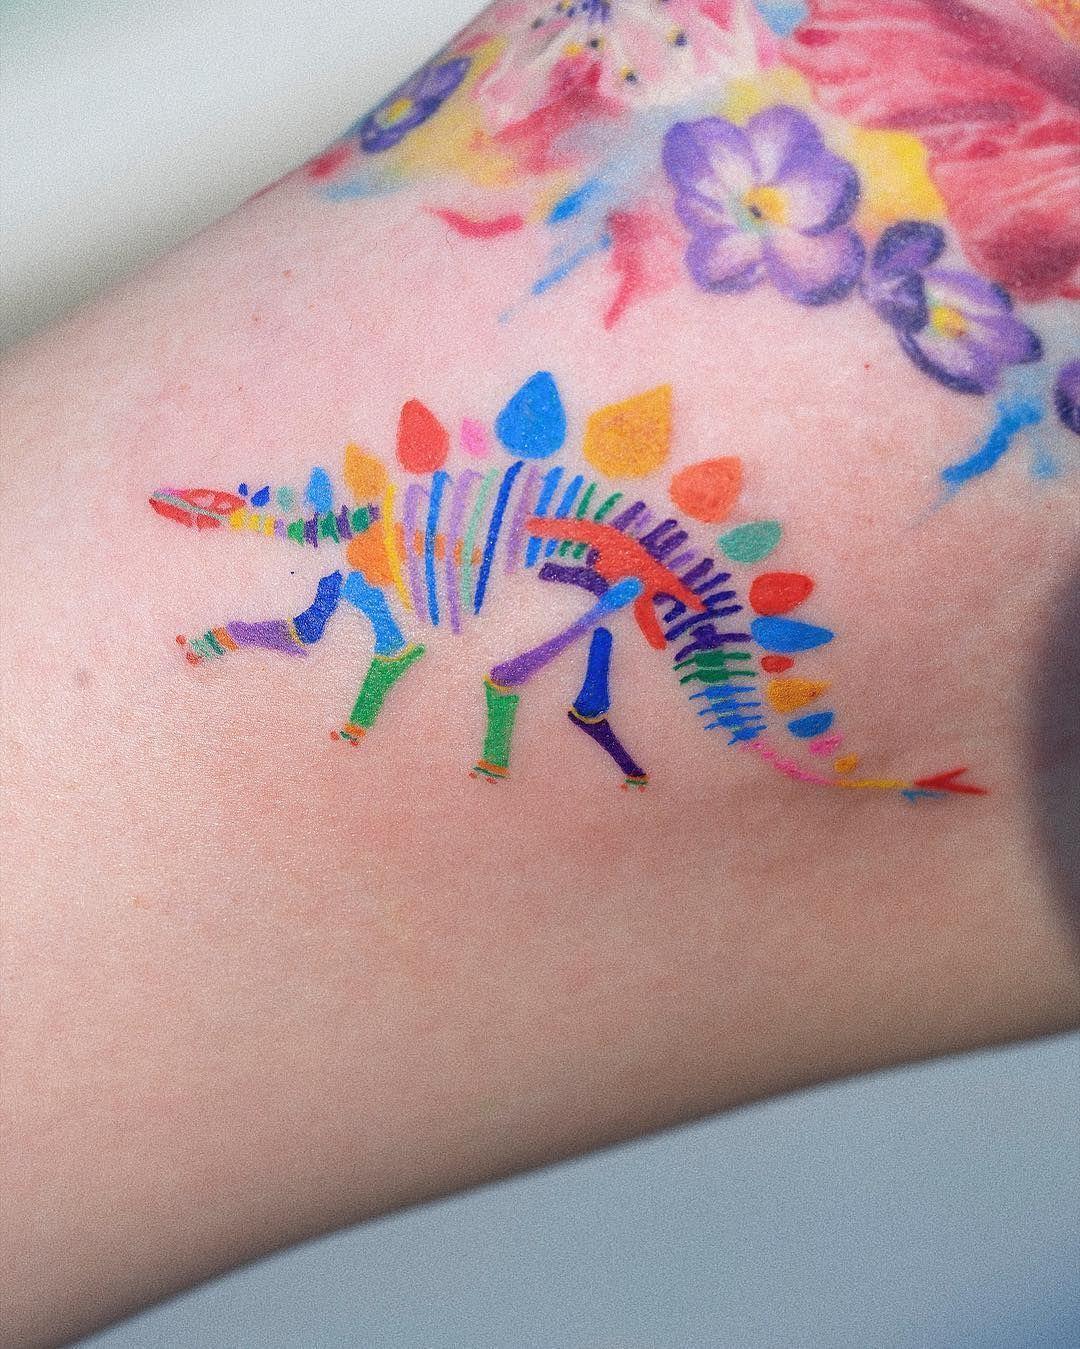 Top 70 Cute Tattoo Design Ideas For Girls | Howlives - Part 21 -  70 Tattoo Design Ideas For Girls-Click Here for Larger Image: rose tattoo;arm tattoos; wrist tatt - #Cute #Design #girls #Howlives #Ideas #Jewelryinspo #Part #tattoo #tattooarm #Top